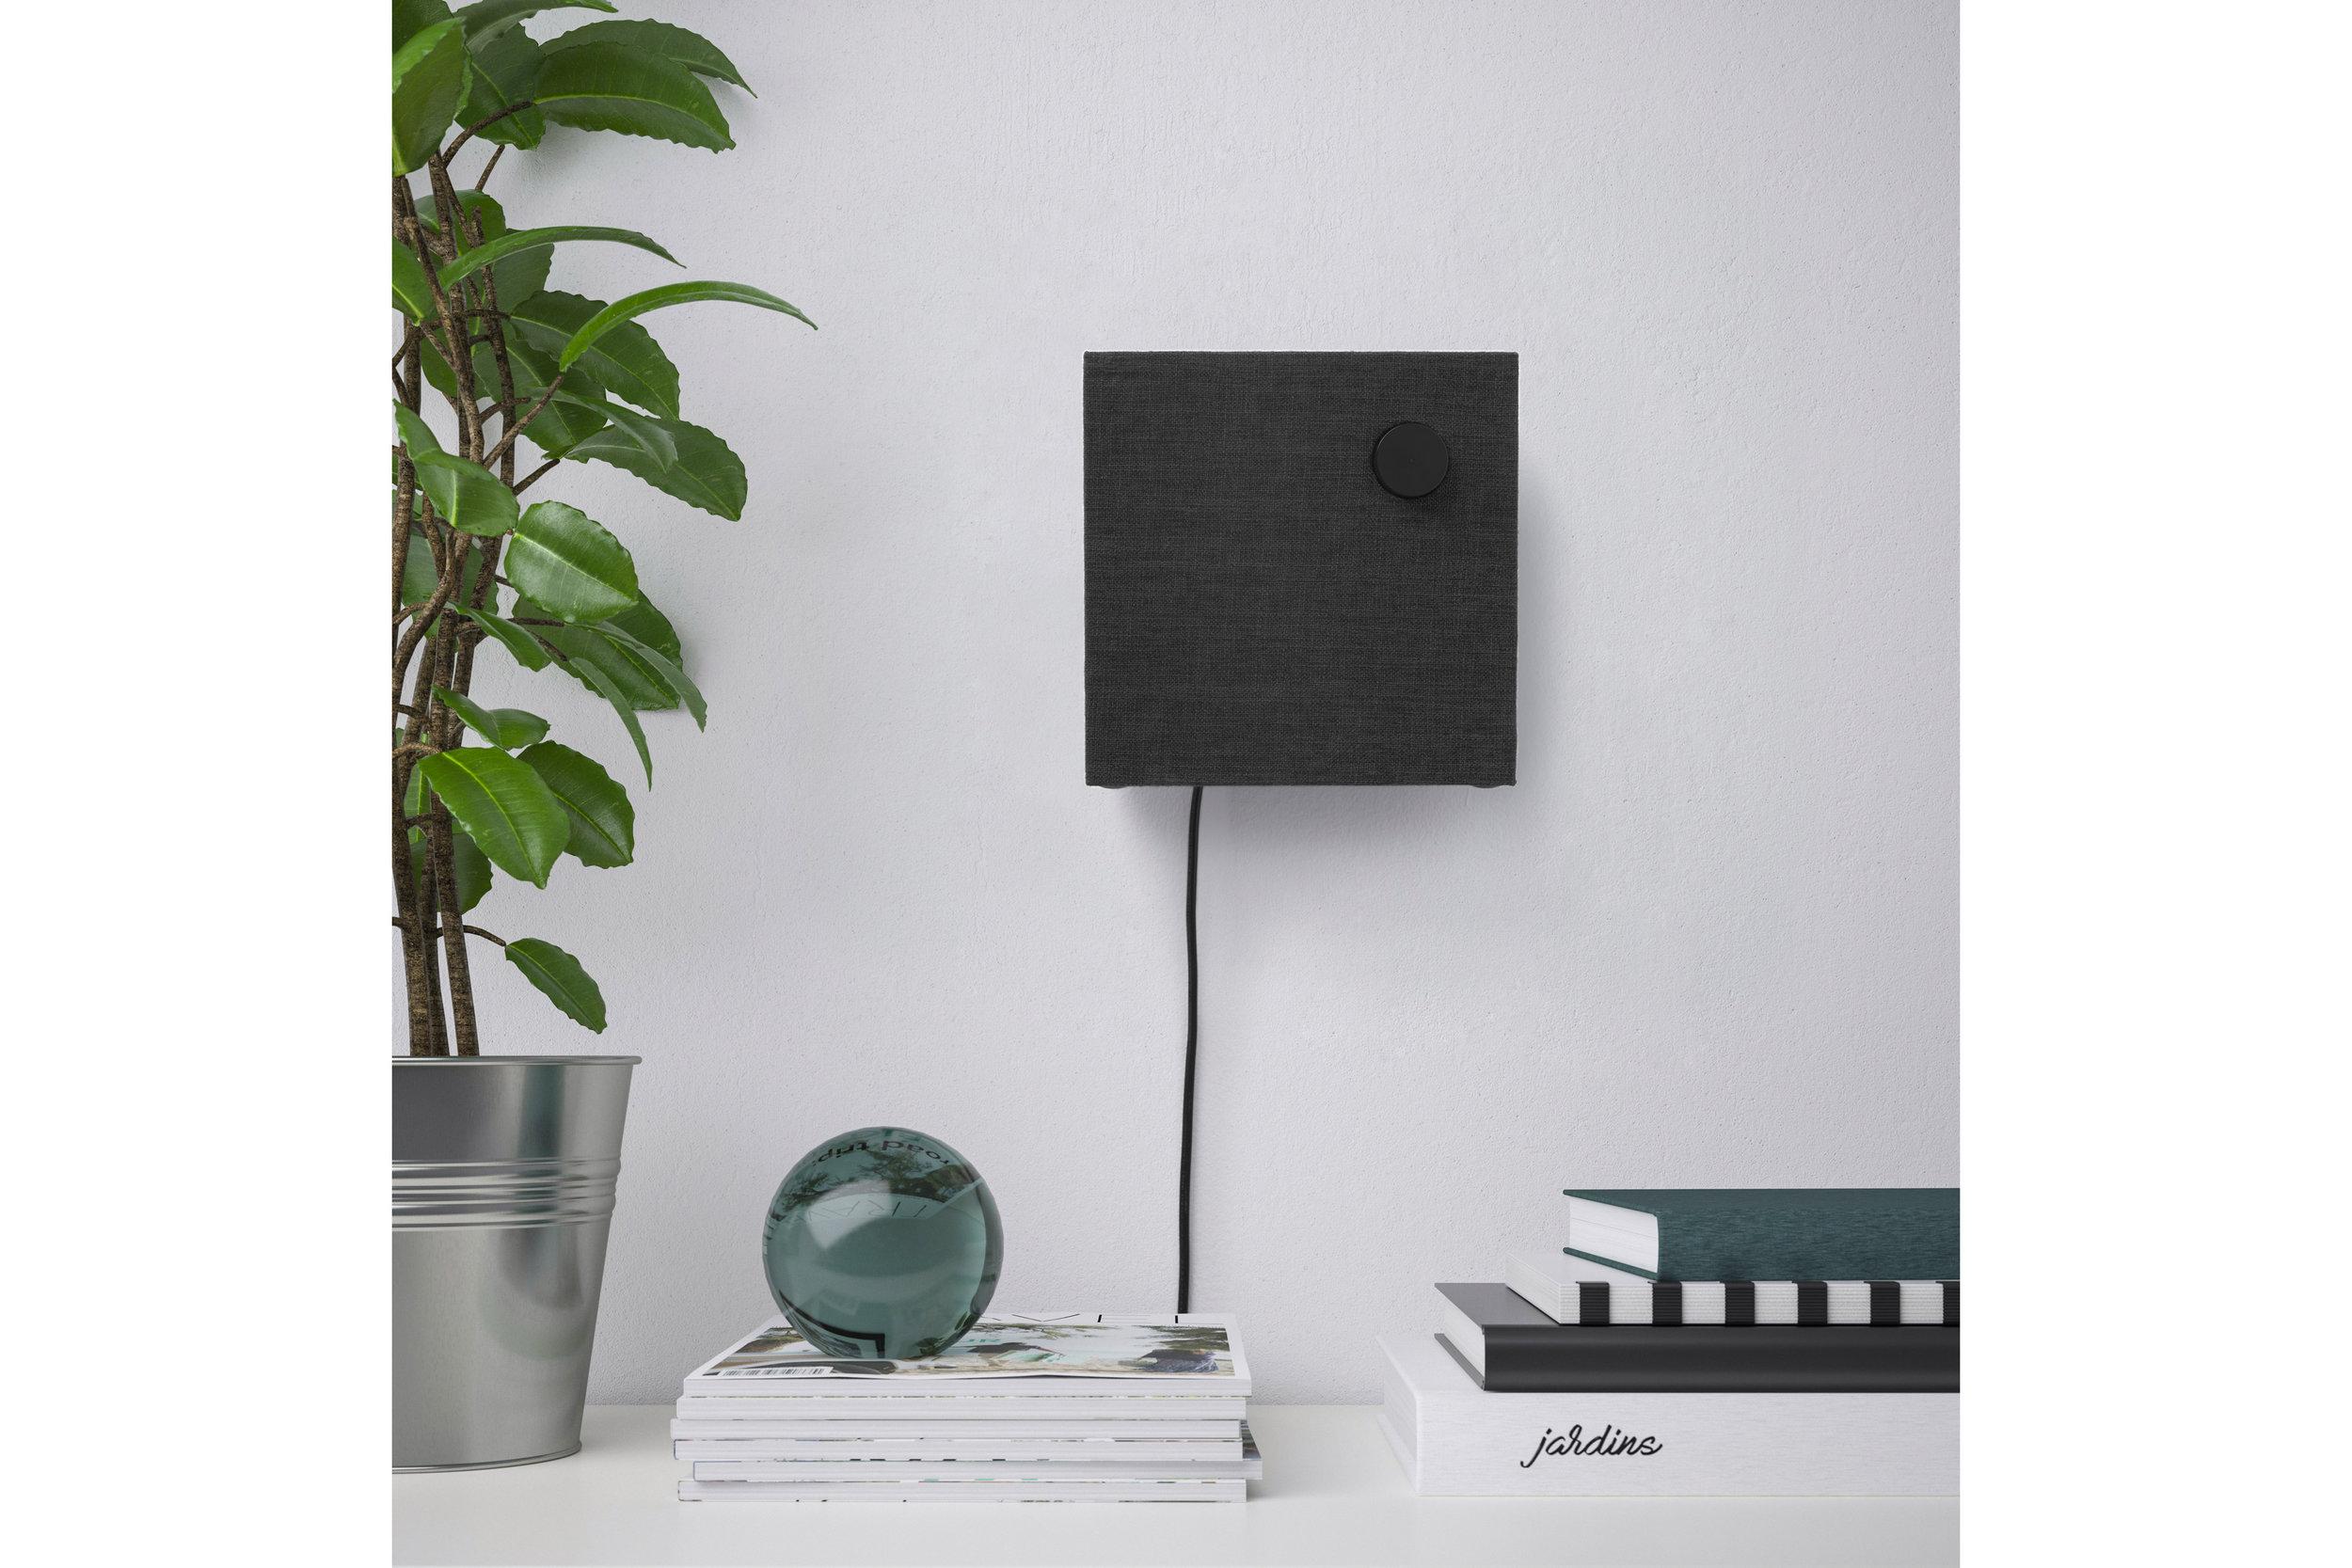 ikea-eneby-speakers_dezeen_2364_col_1.jpg